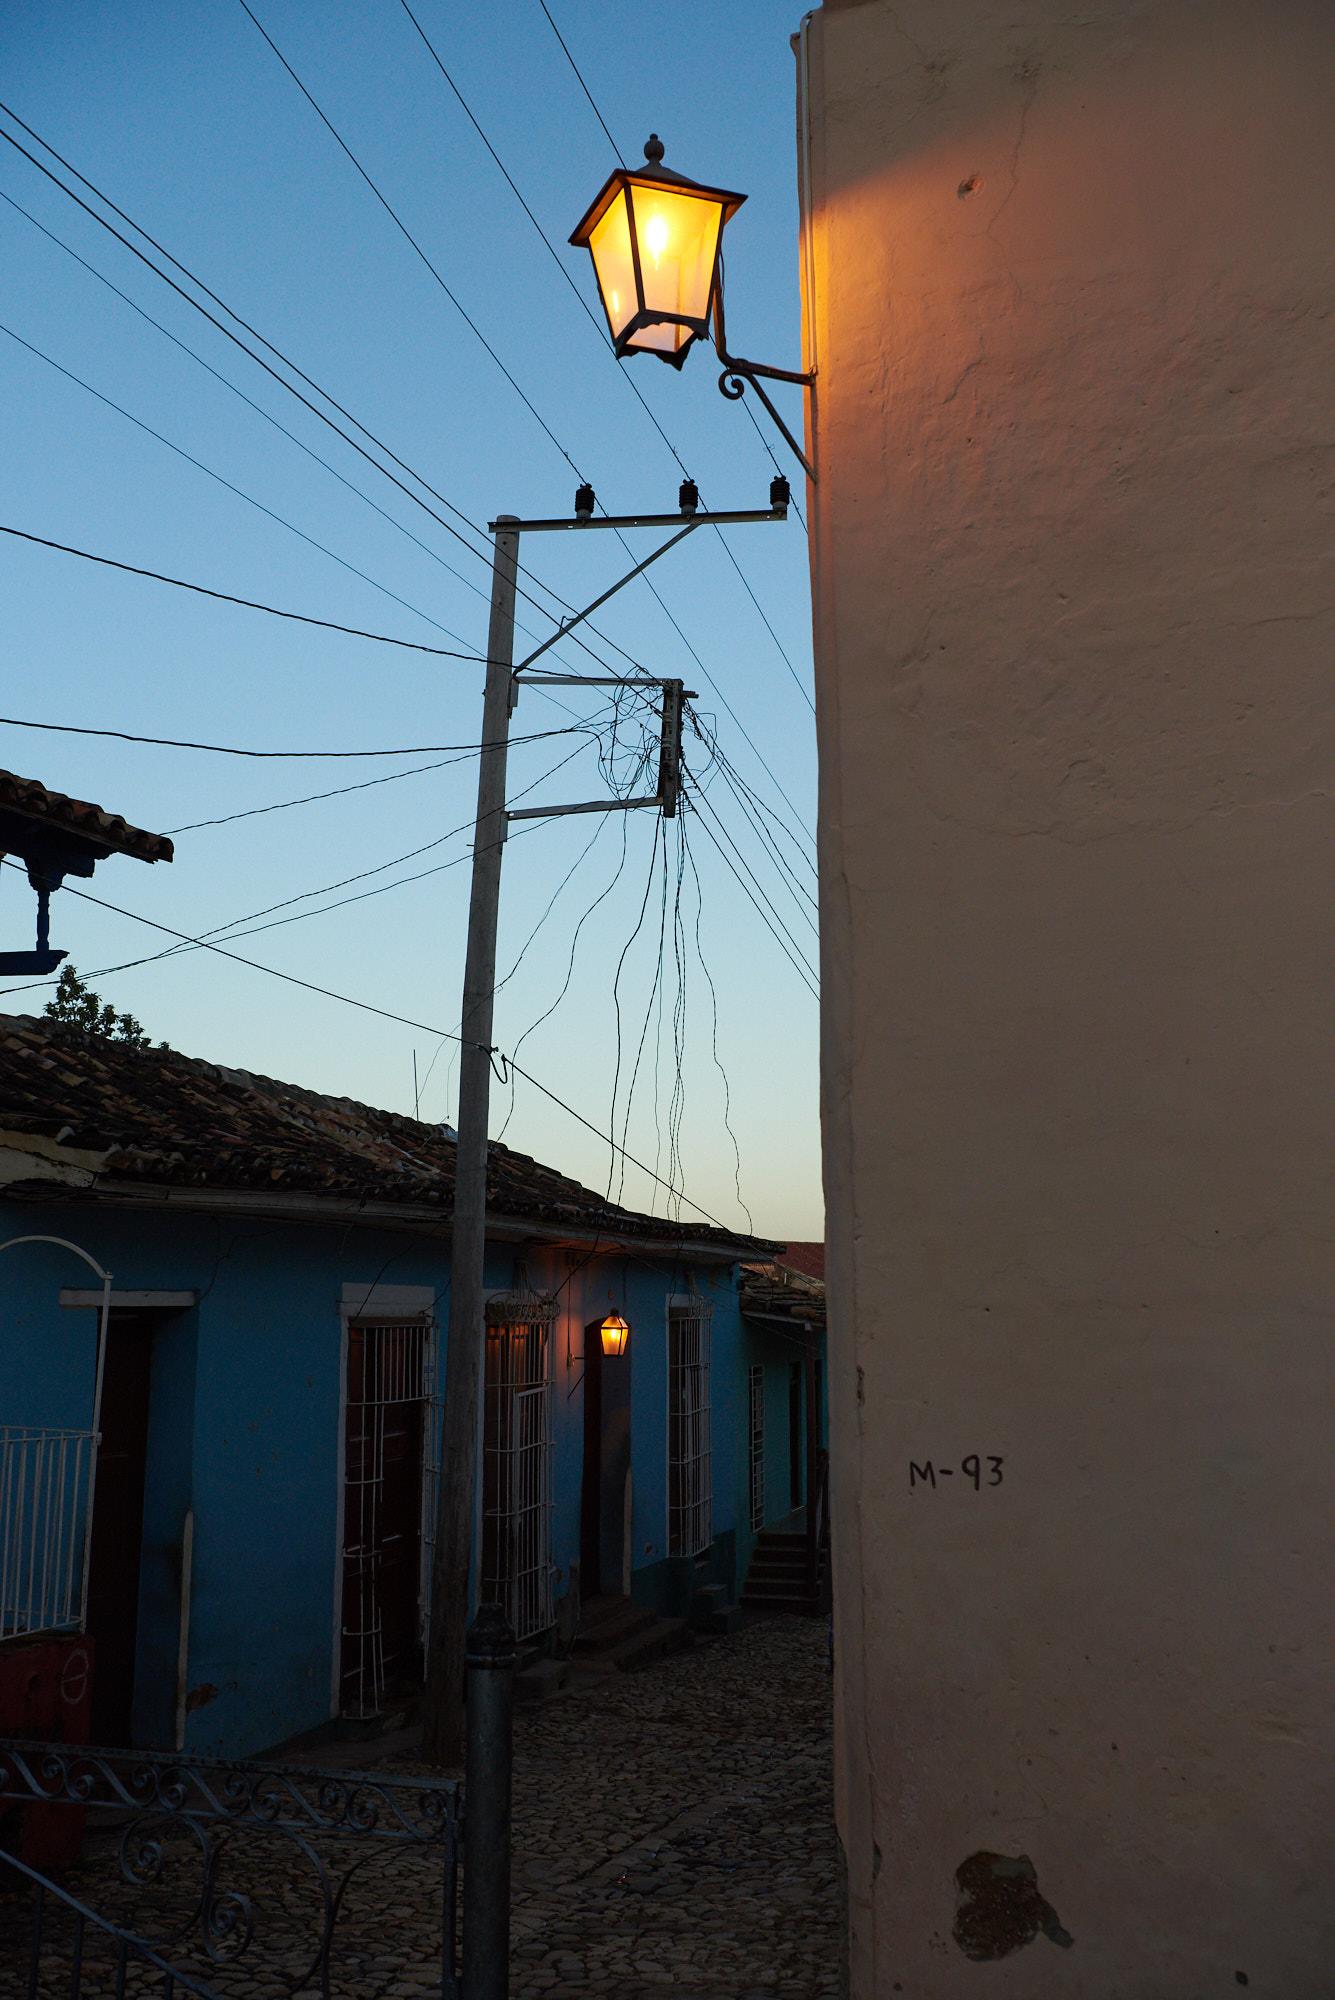 18-01-12-Cuba_2559Web.jpg